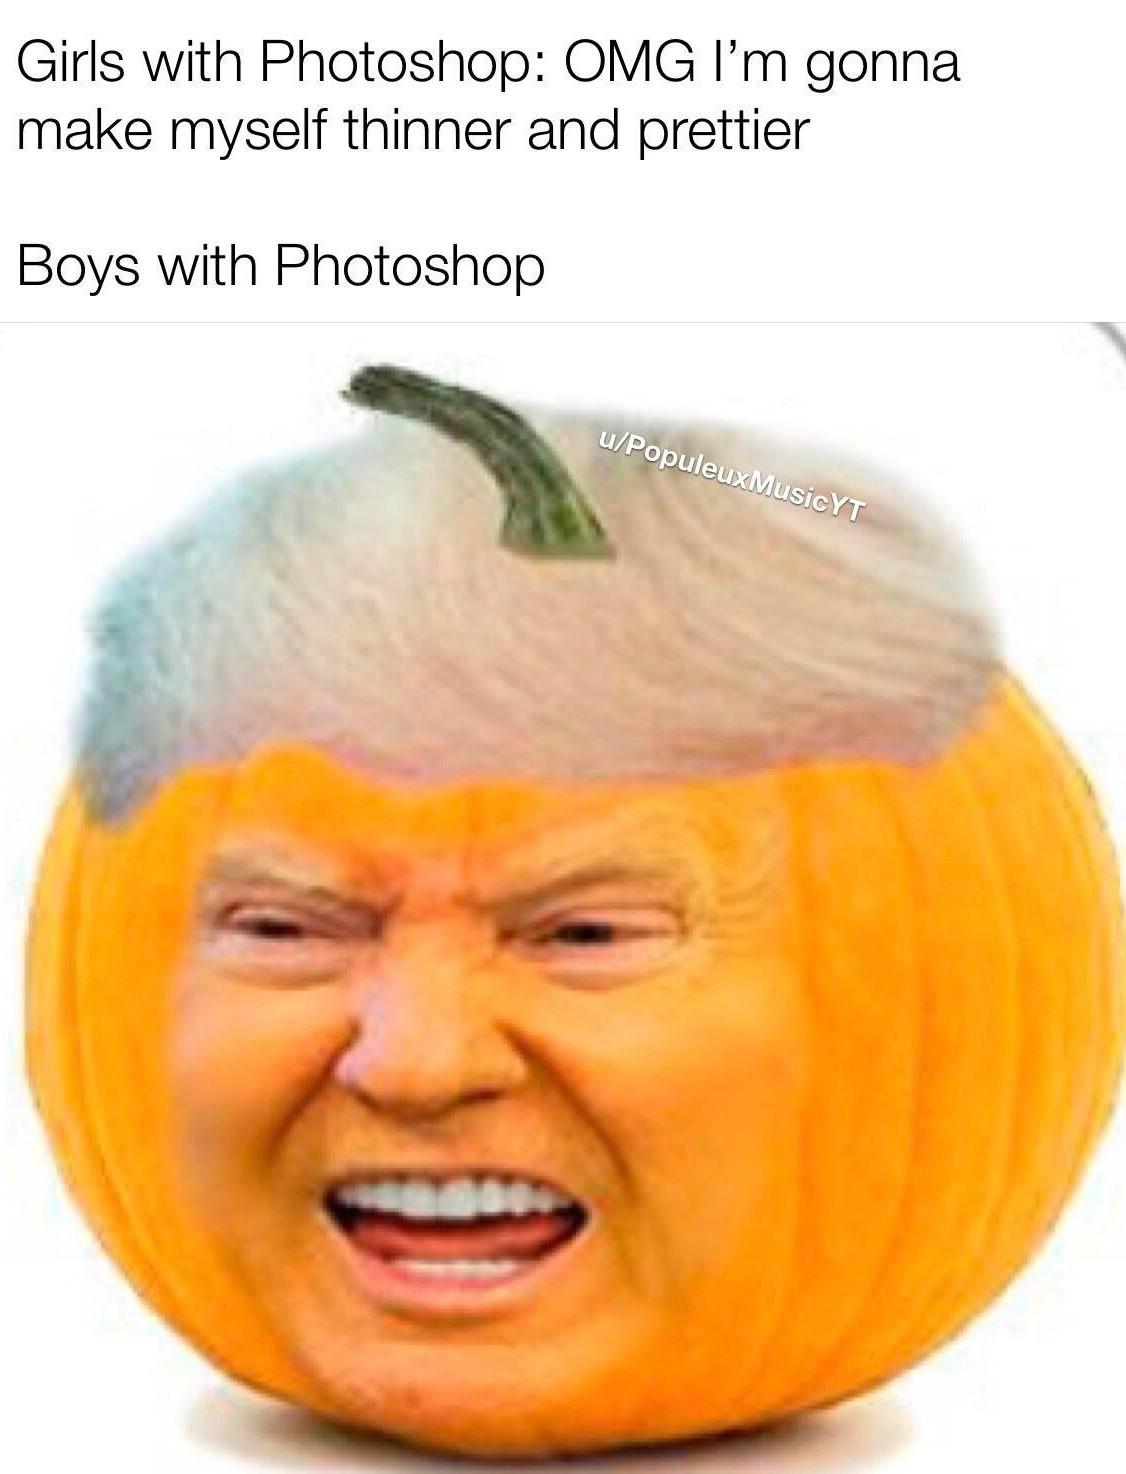 Trumpkin - meme